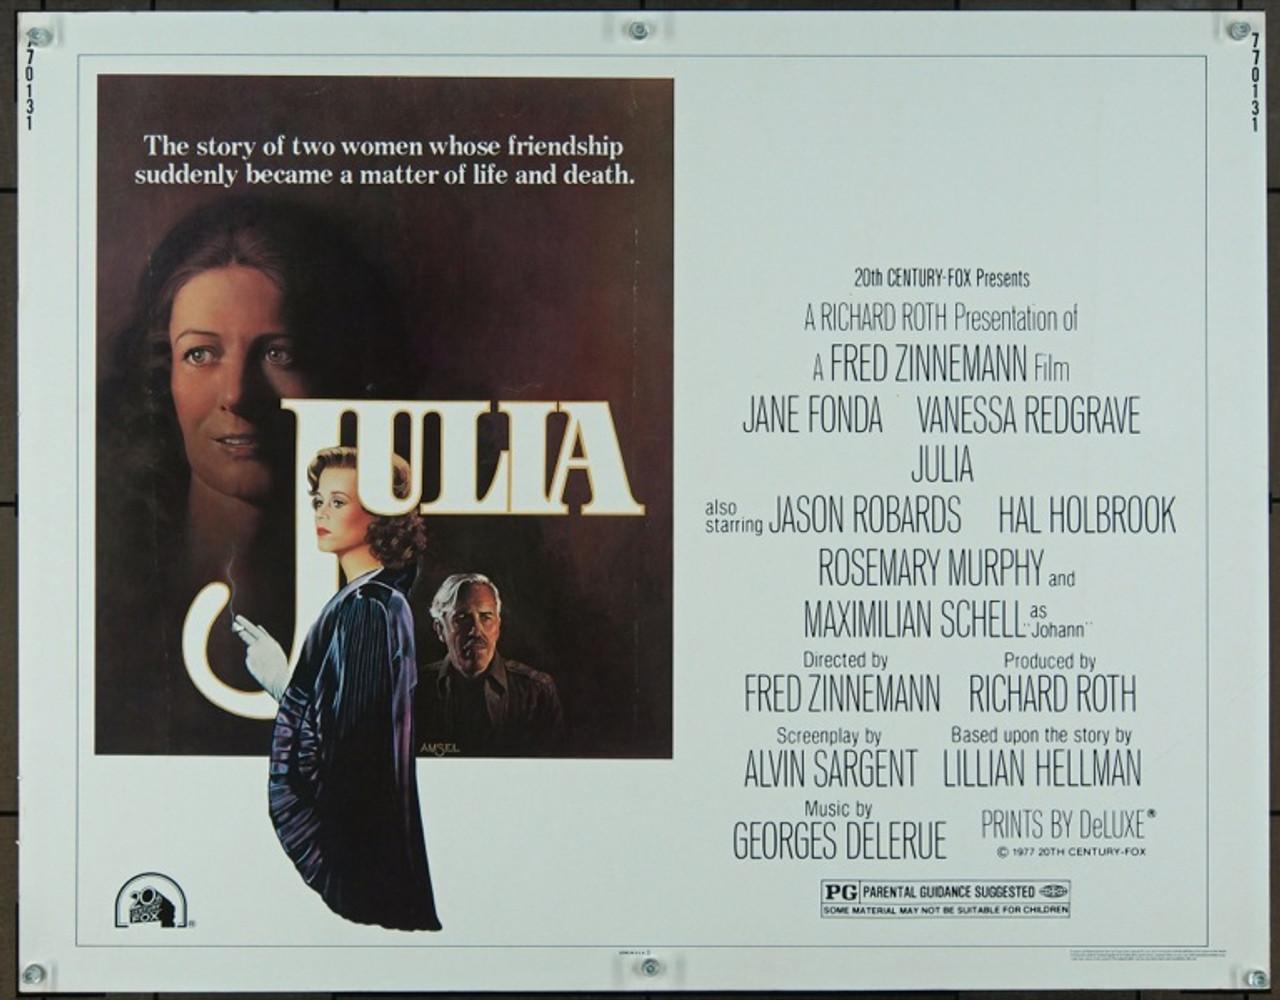 Original Julia (1977) movie poster in VF condition for $$65.00